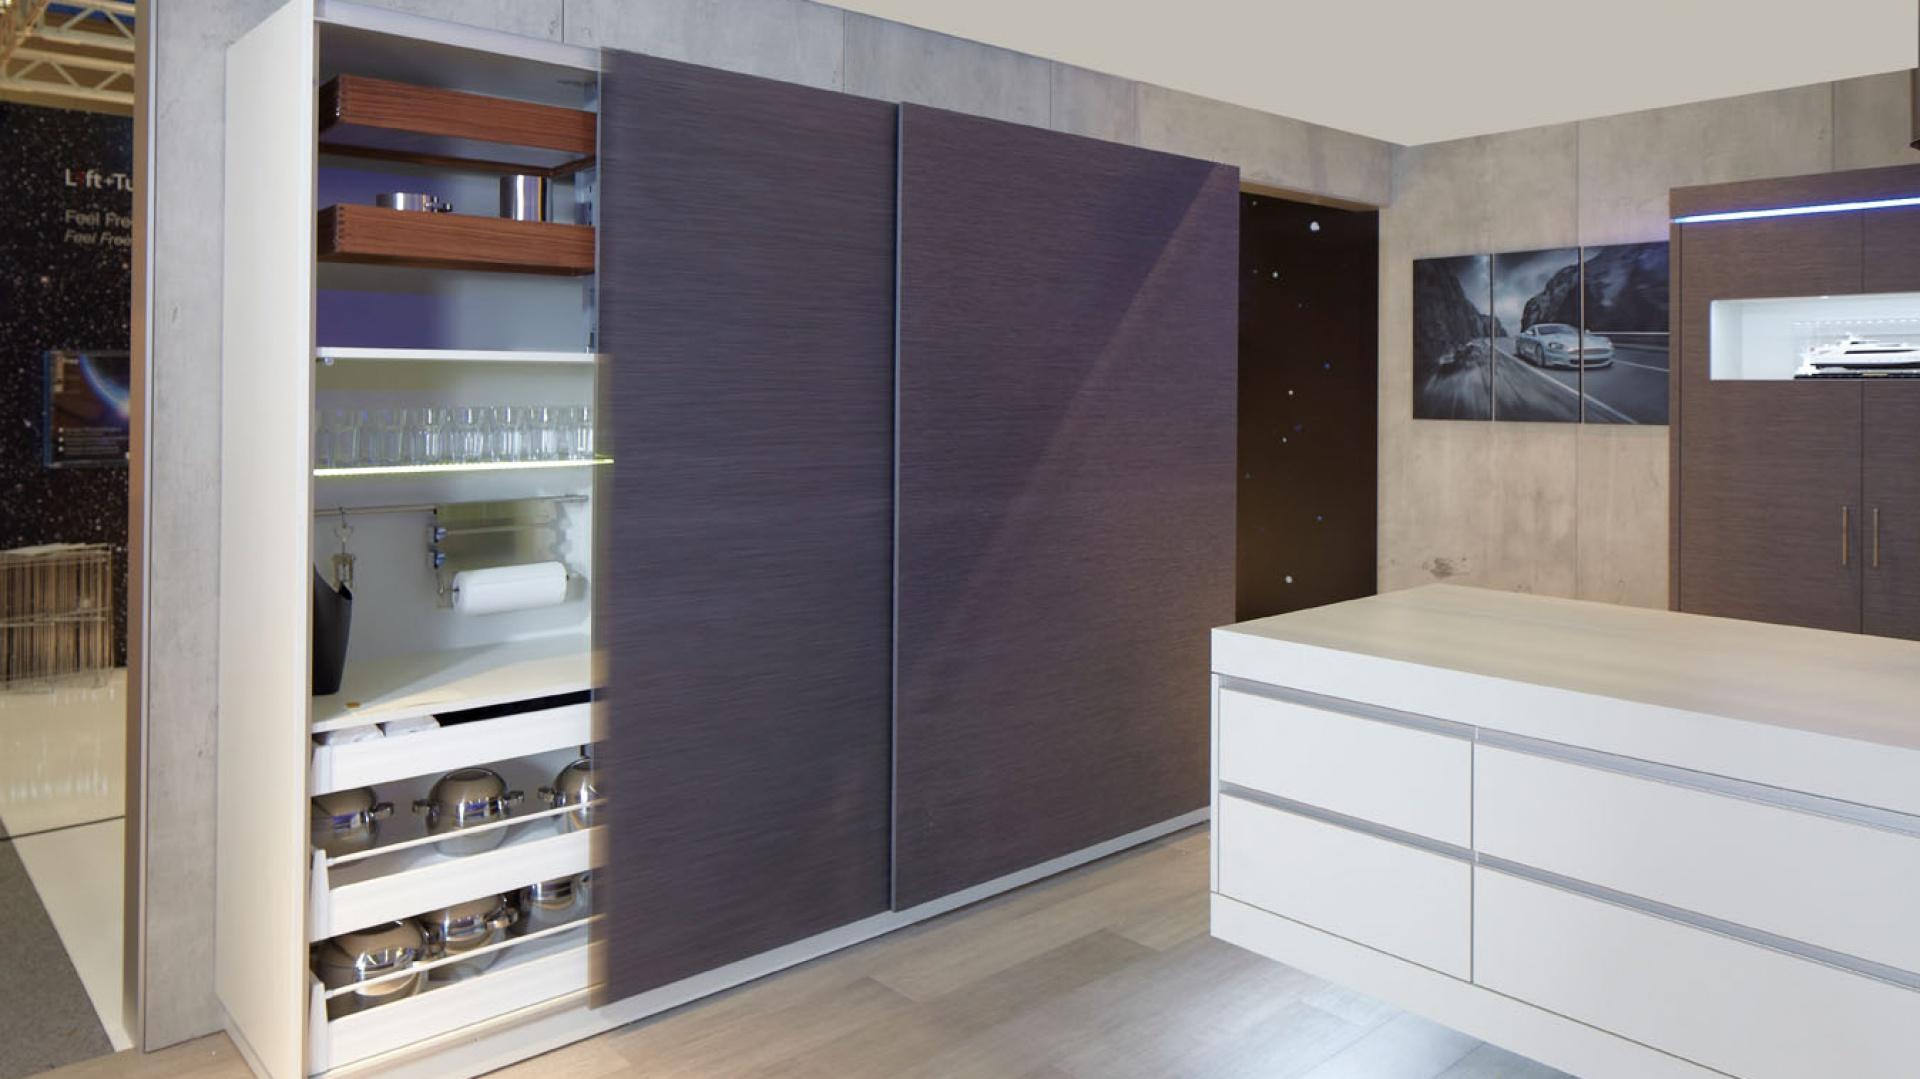 Kuchnia wyposażona w meble o drzwiach przesuwnych. Fot. Häfele